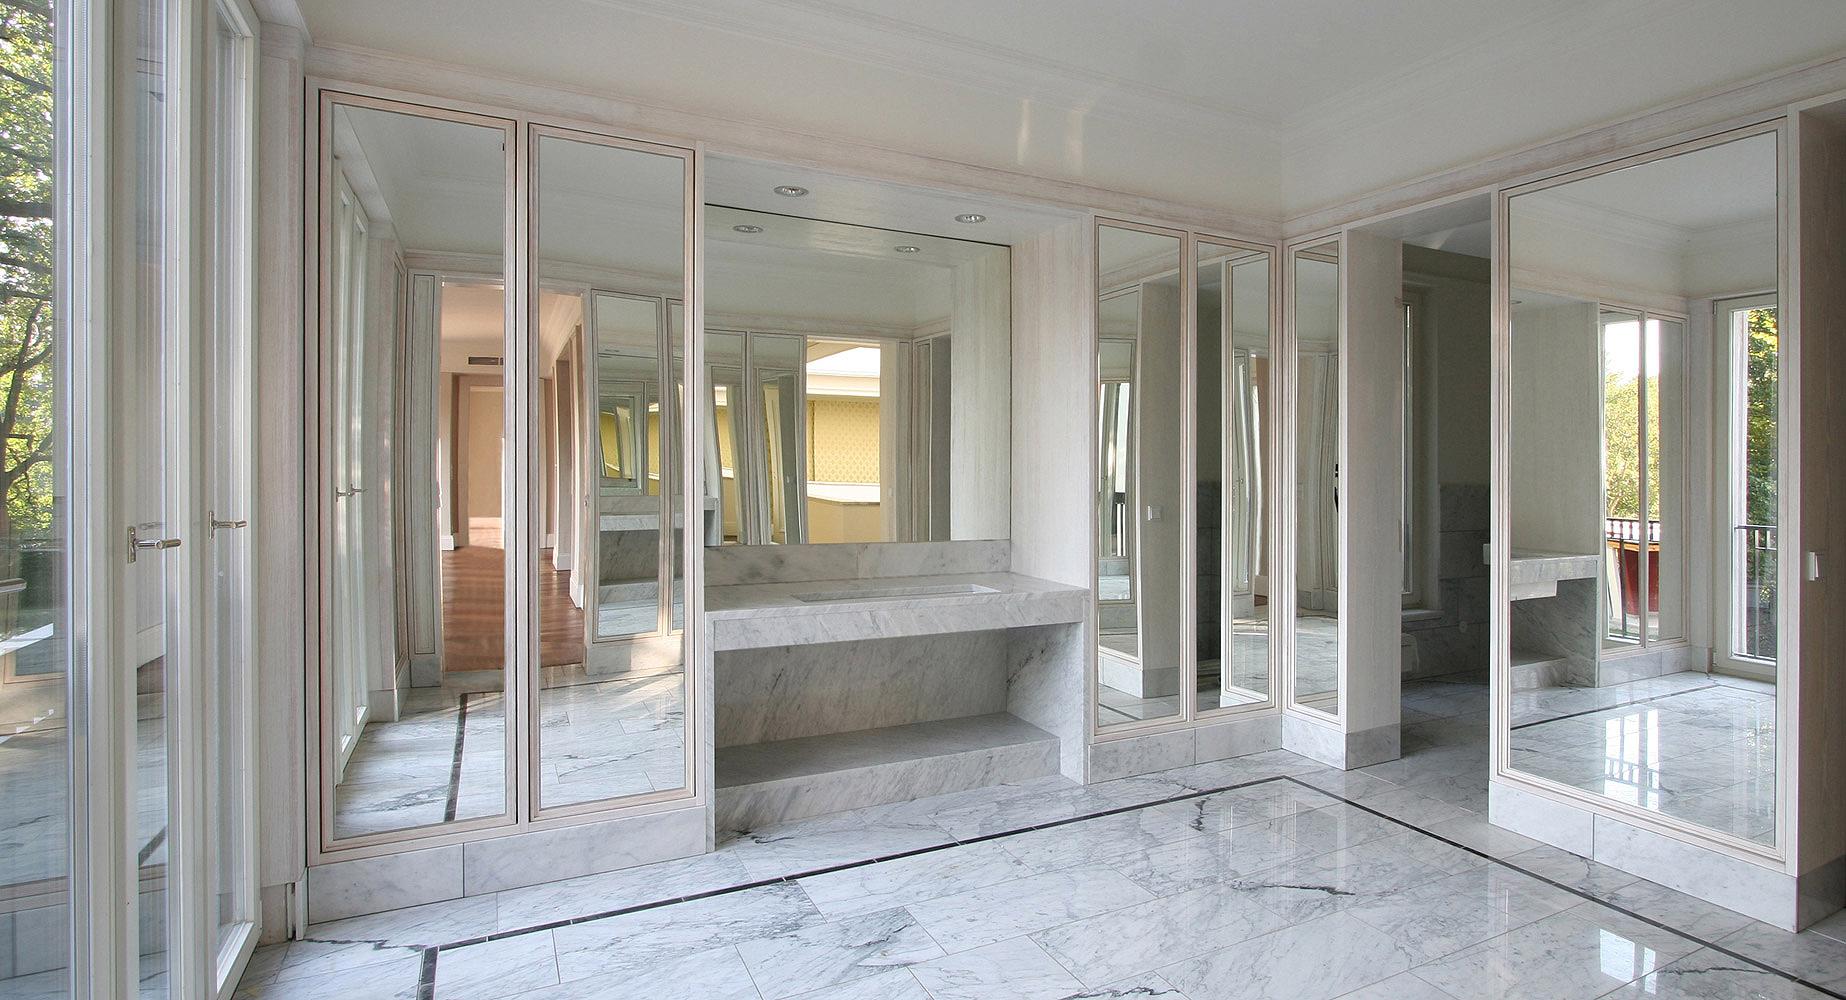 Neubau einer Villa im neoklassizistischen Stil - Das Masterbad mit Marmorboden und Schrankbereichen als umlaufende Spiegelwände